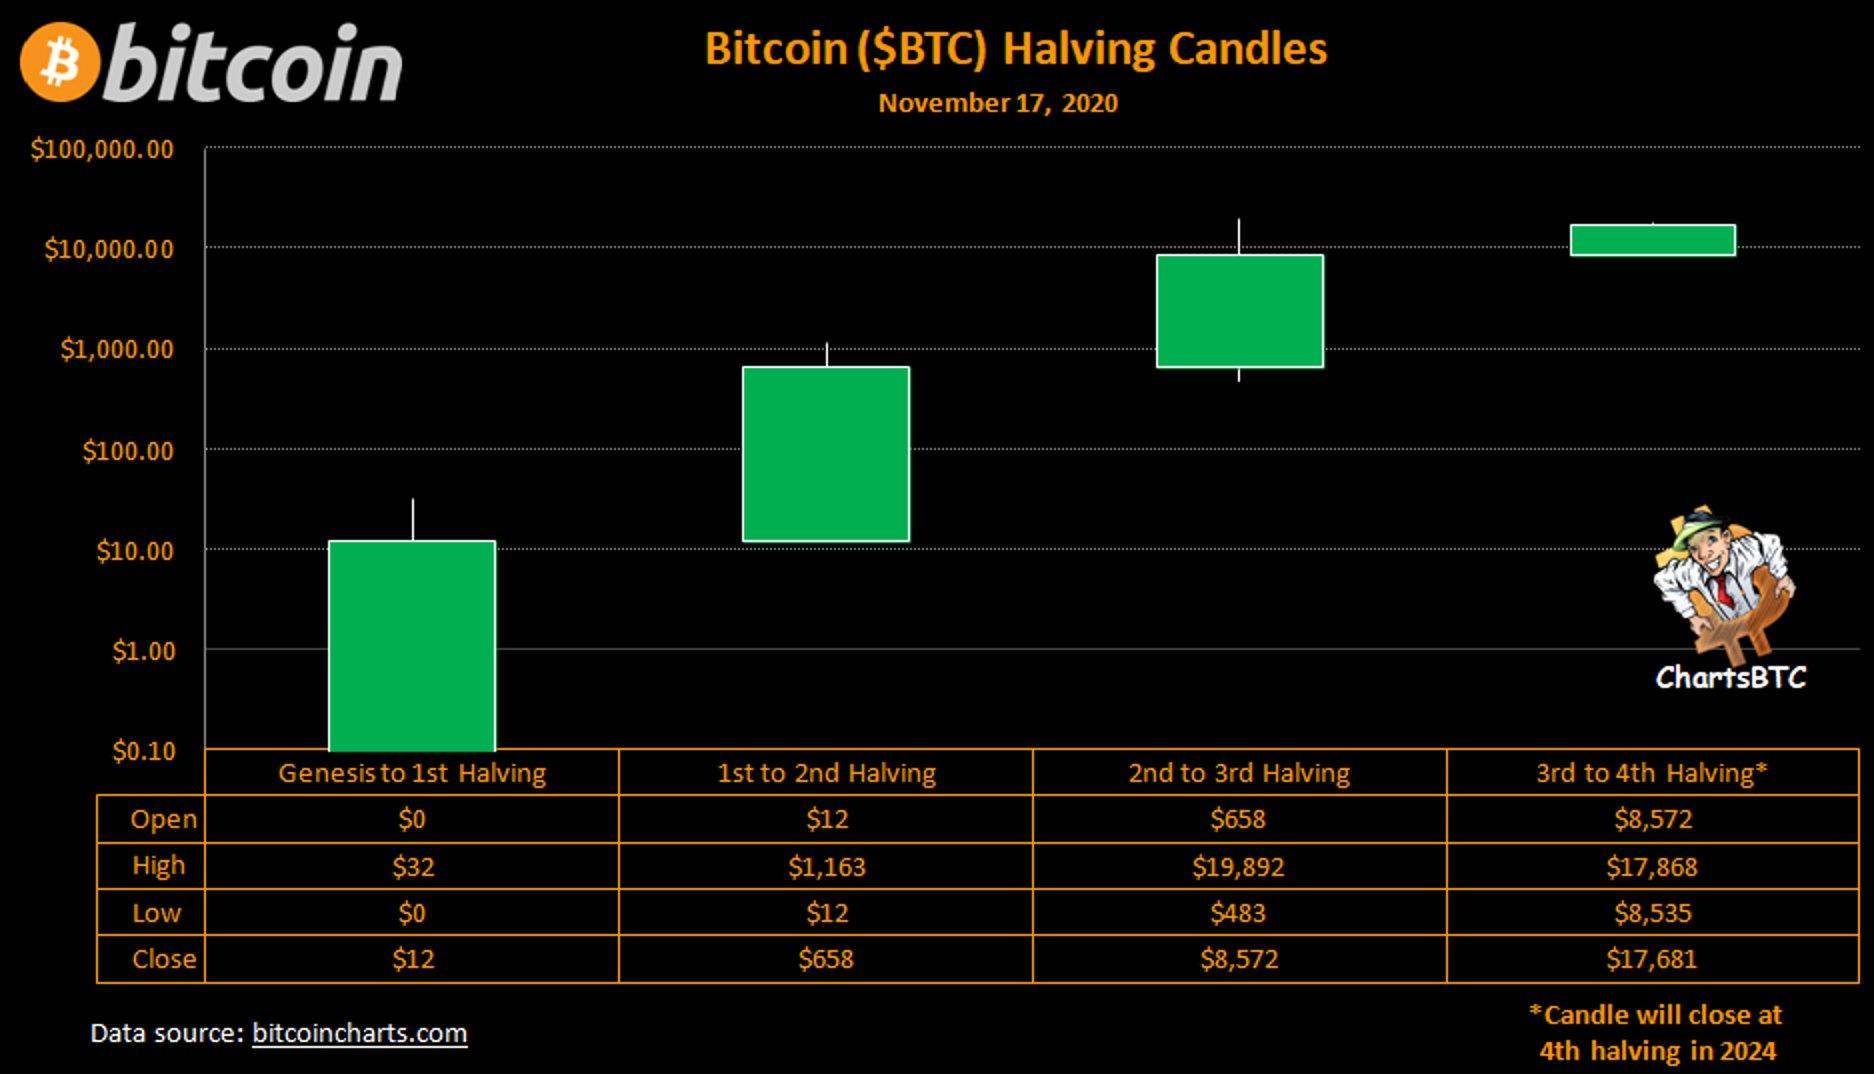 Grafico delle candele halving di Bitcoin